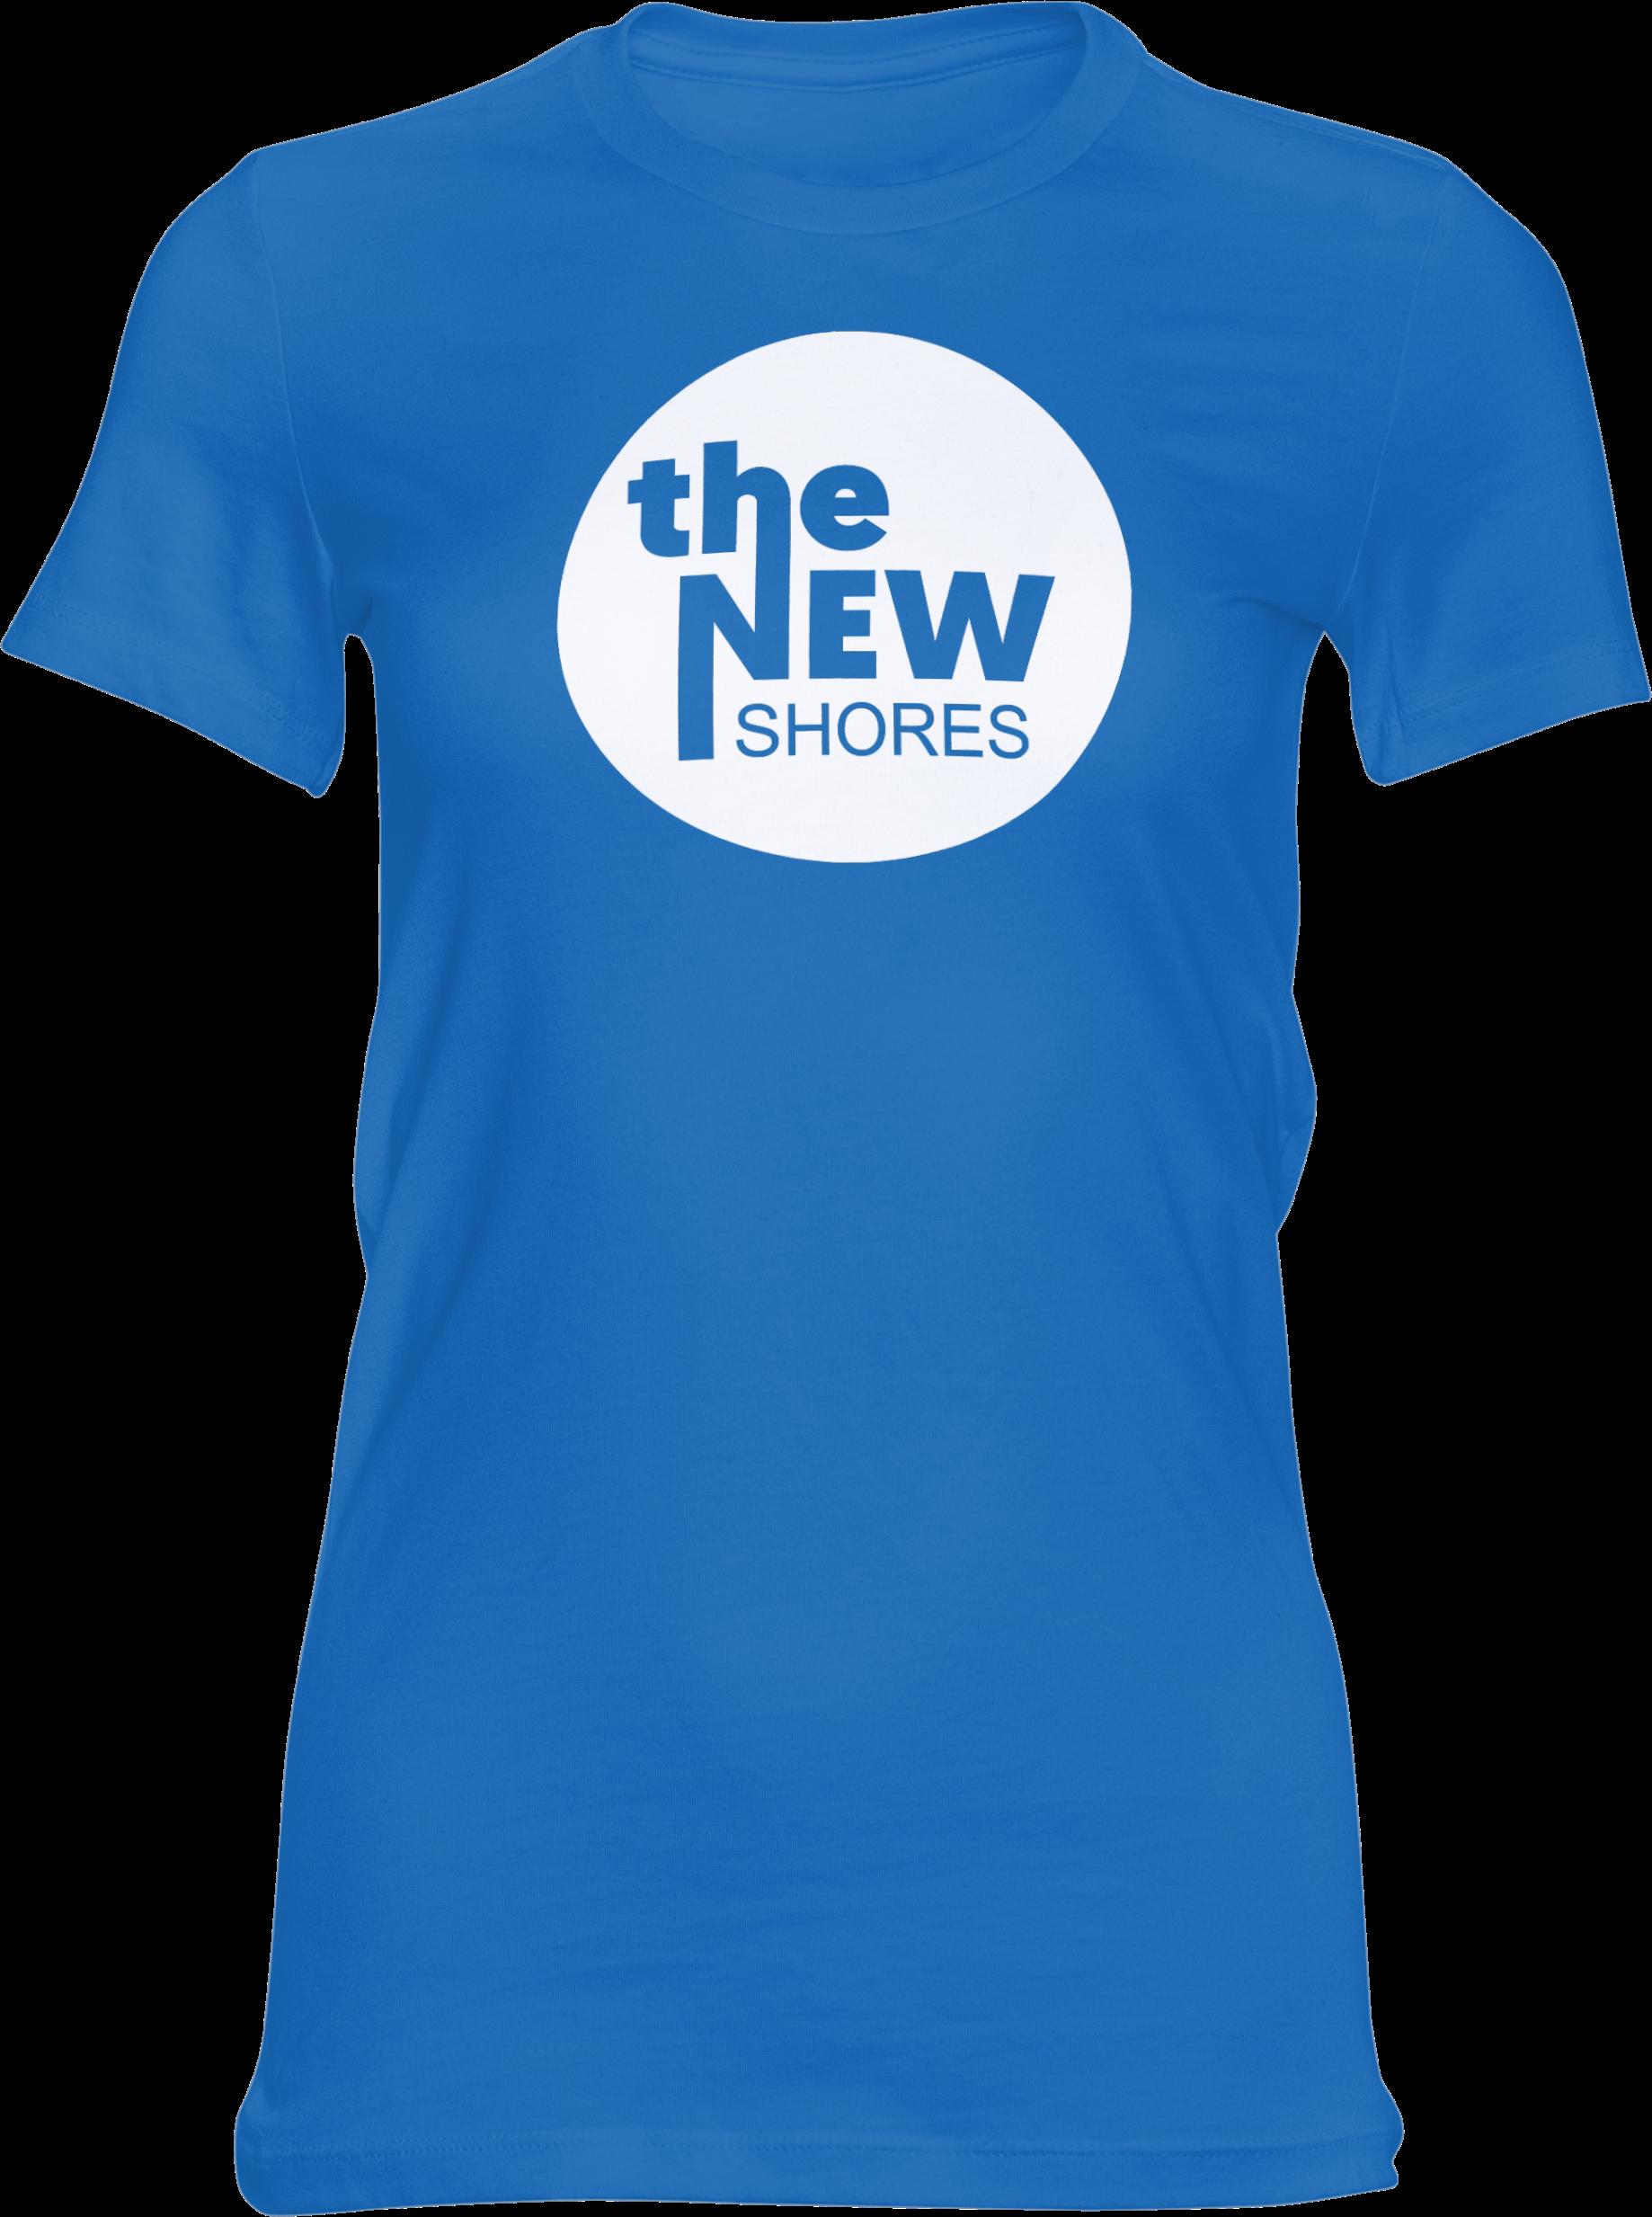 THE NEW SHORES – TNS Logo – Girlie-Shirt (blau)